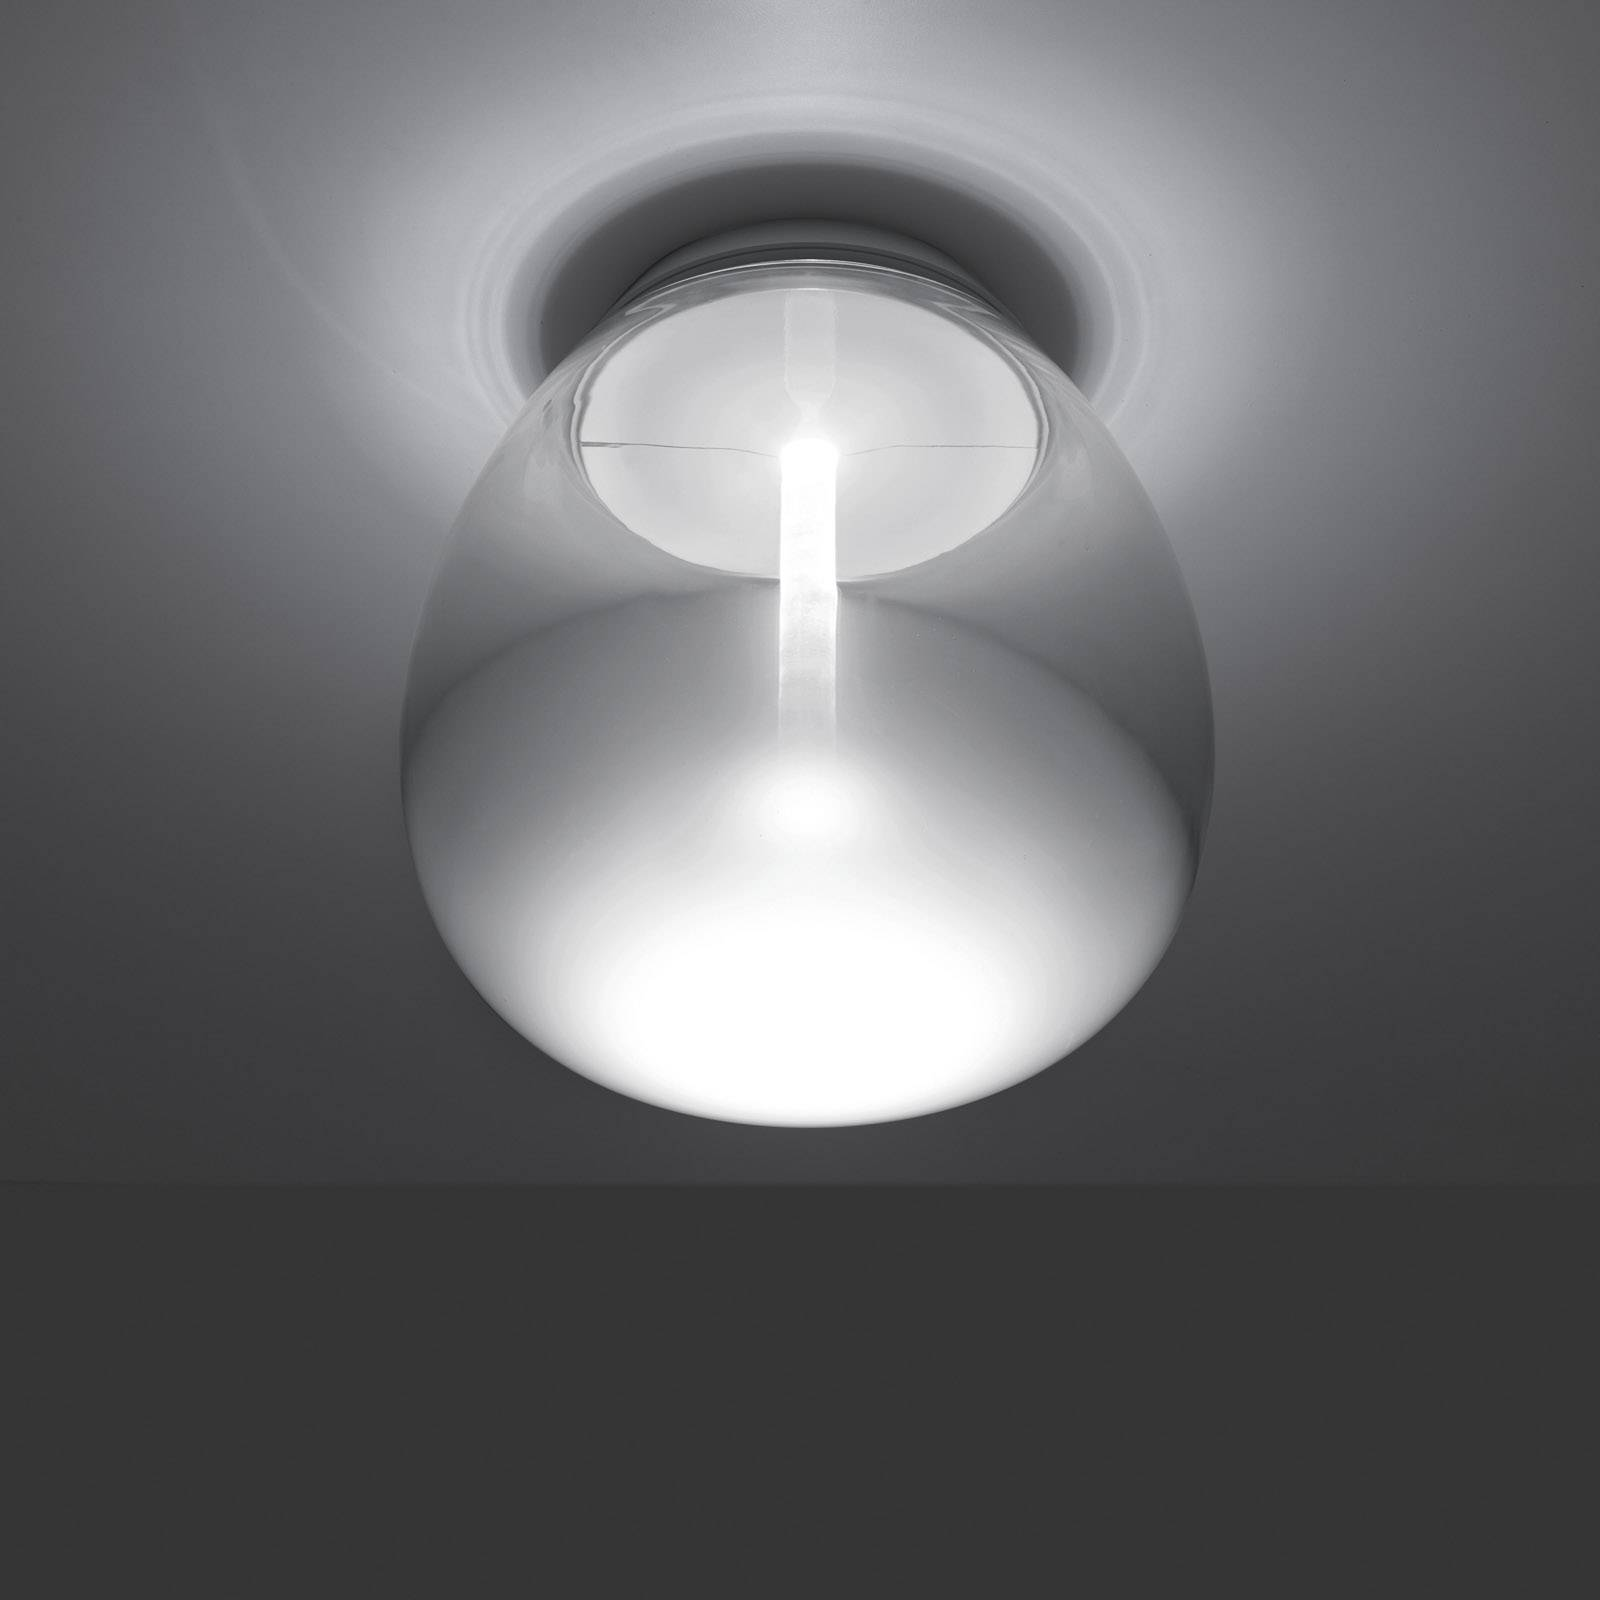 Artemide Empatia LED-Deckenleuchte, Ø 26 cm